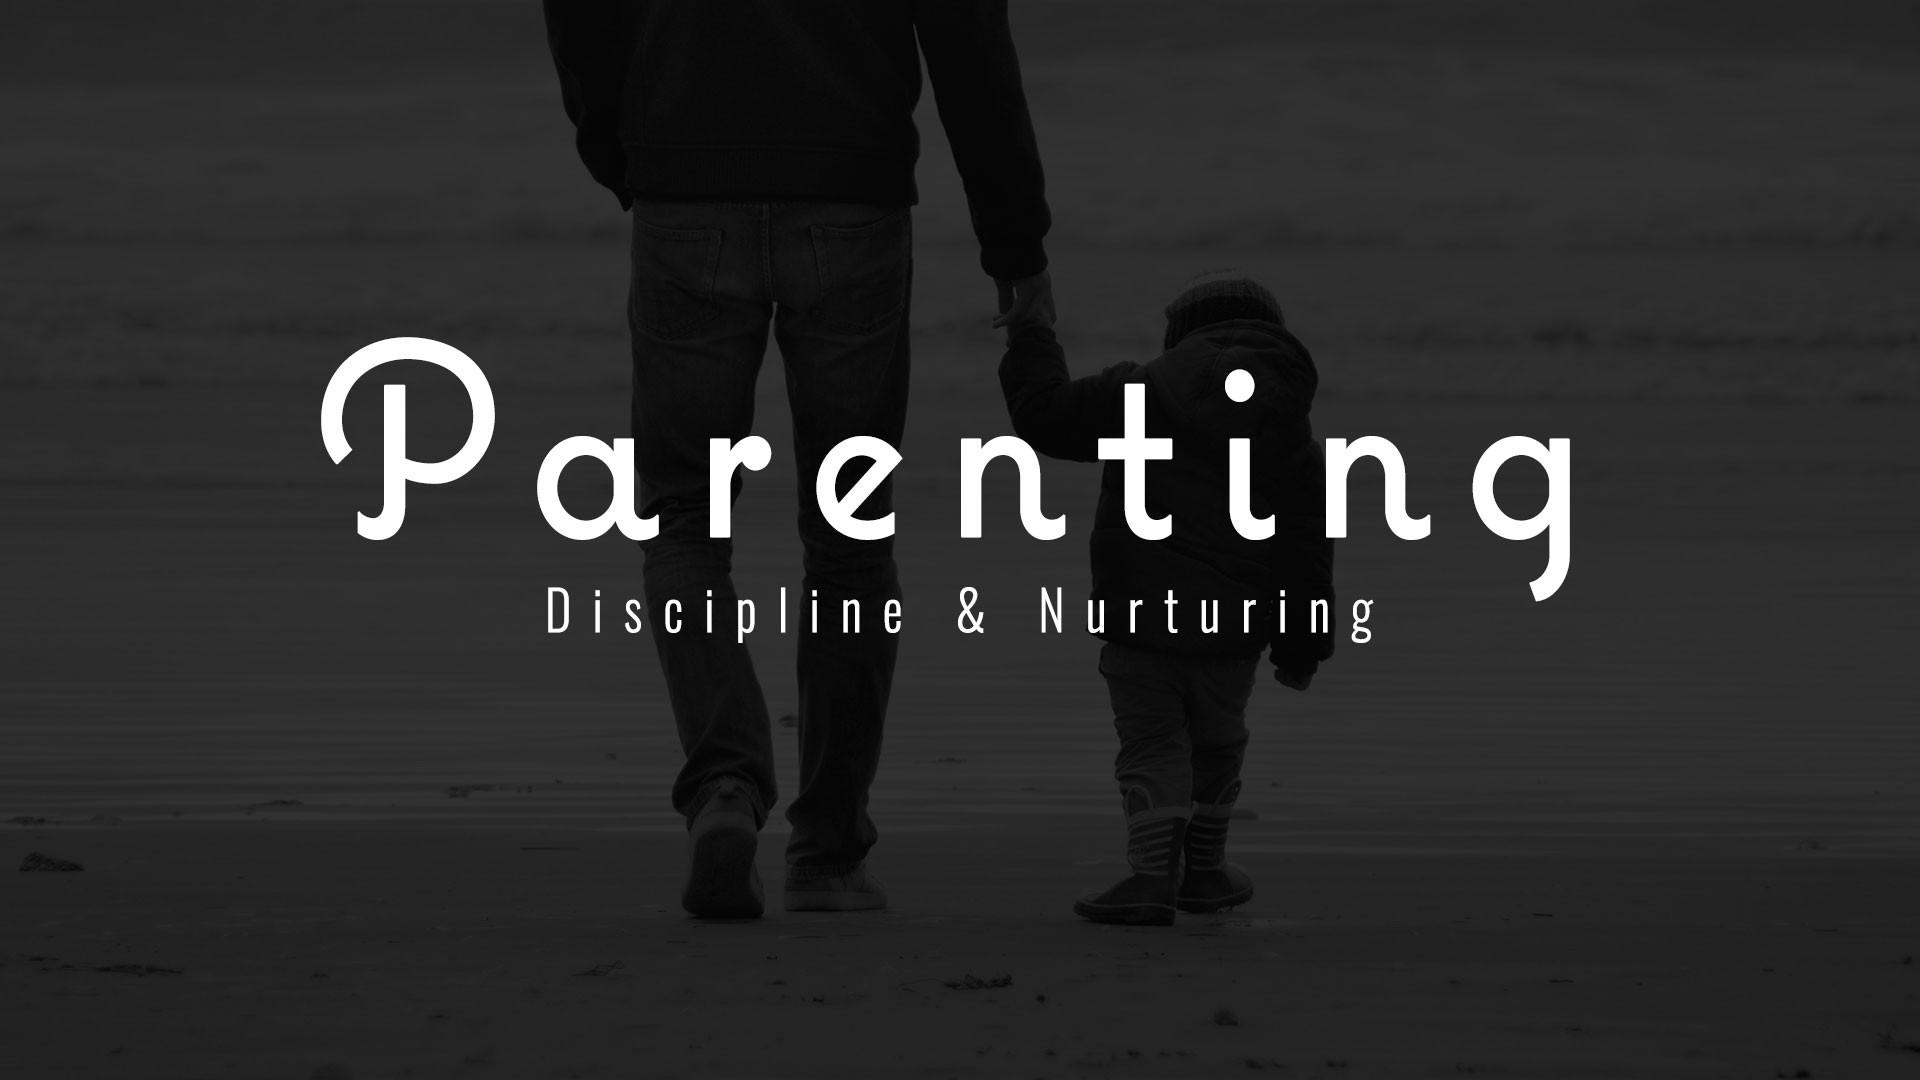 Nurturing, Teaching and Disciplining Children